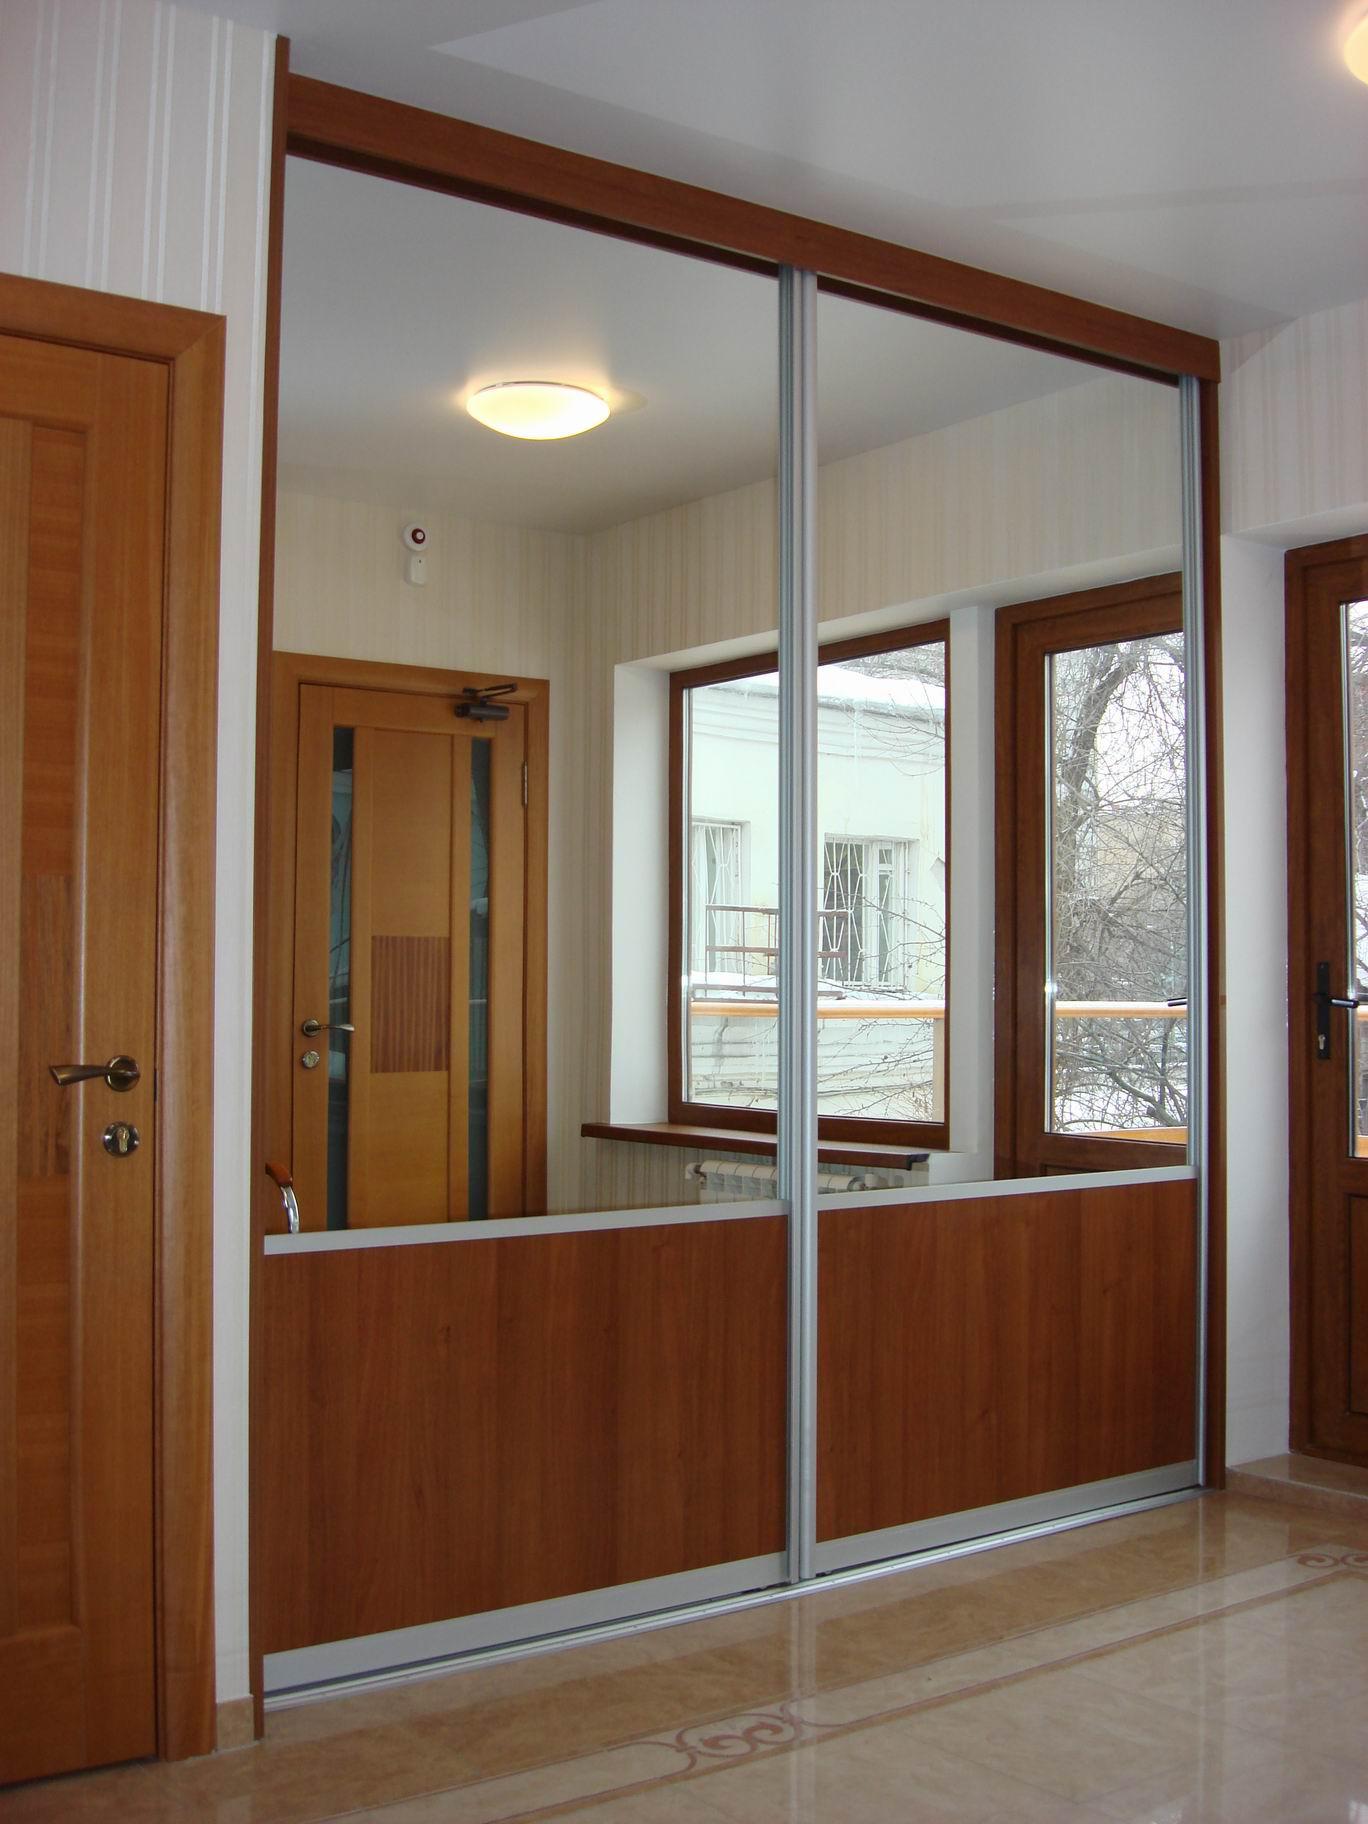 Комбинированные двери купе на заказ: купить двери для шкафа .